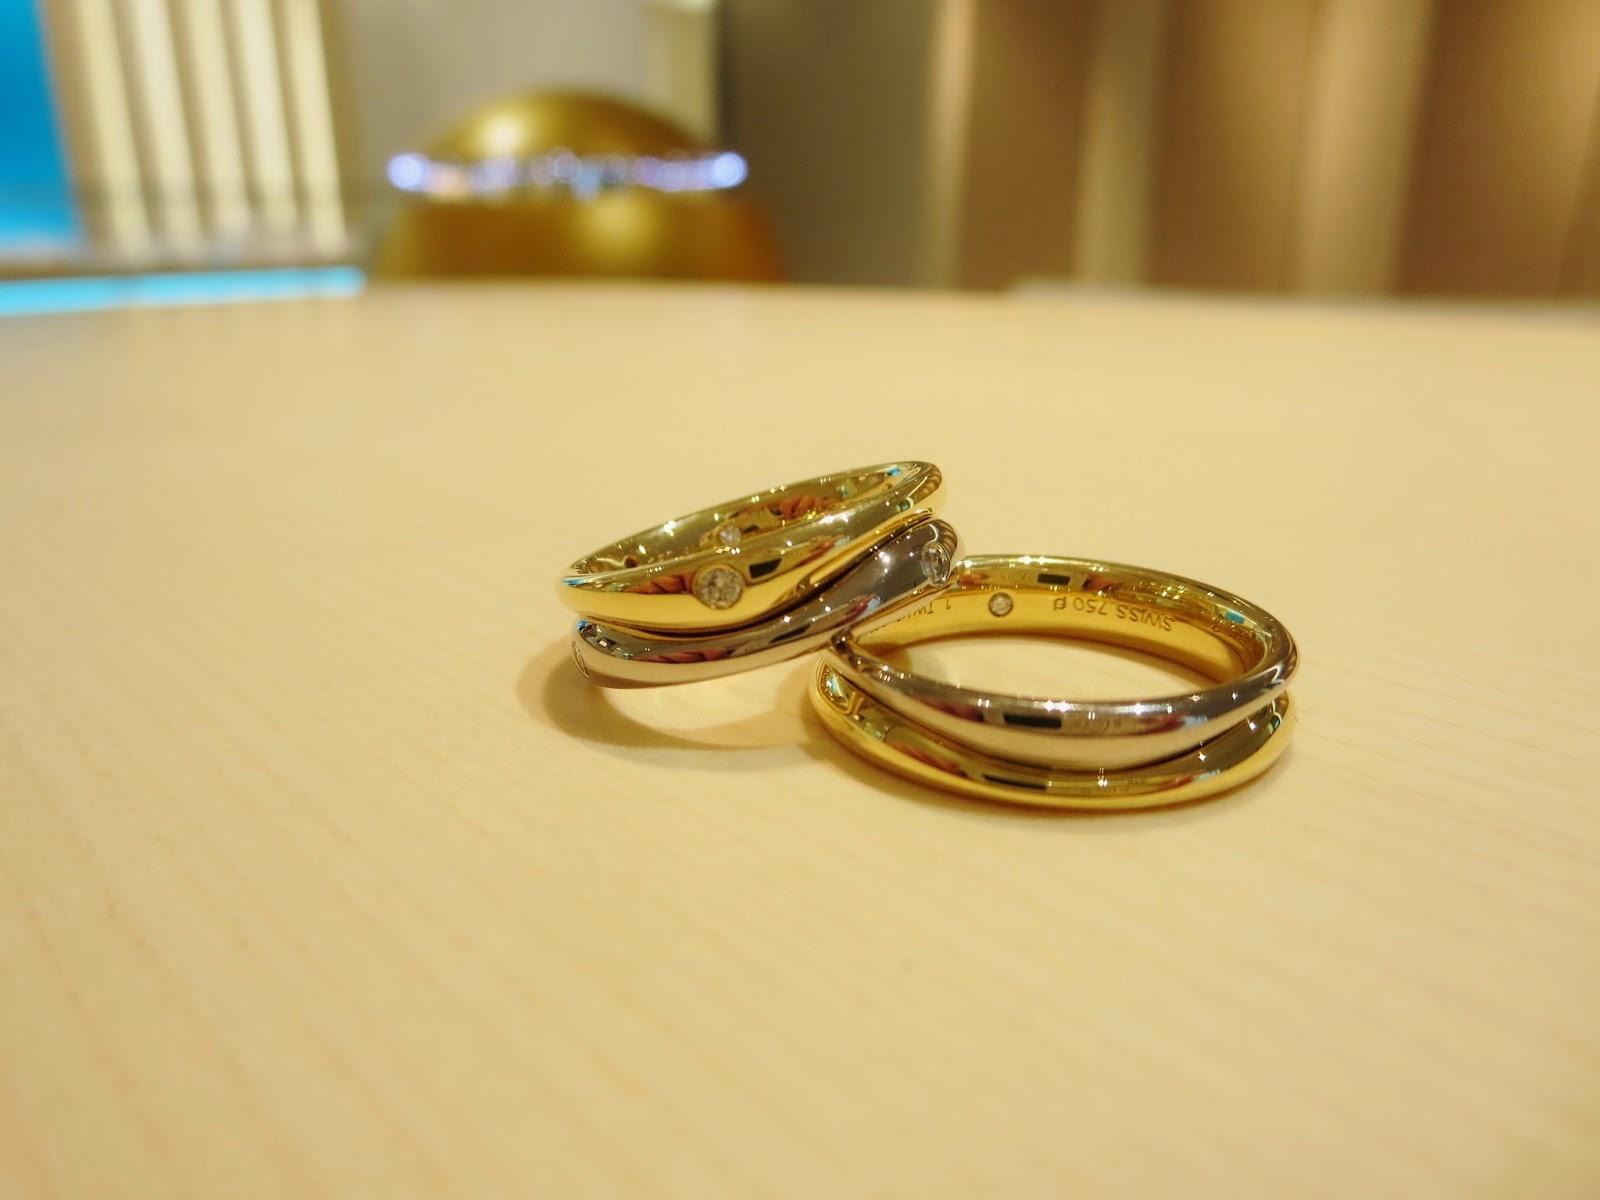 FURRER JACOT フラー・ジャコー 結婚指輪 鍛造 海外ブランド ゴールド プラチナ スイス